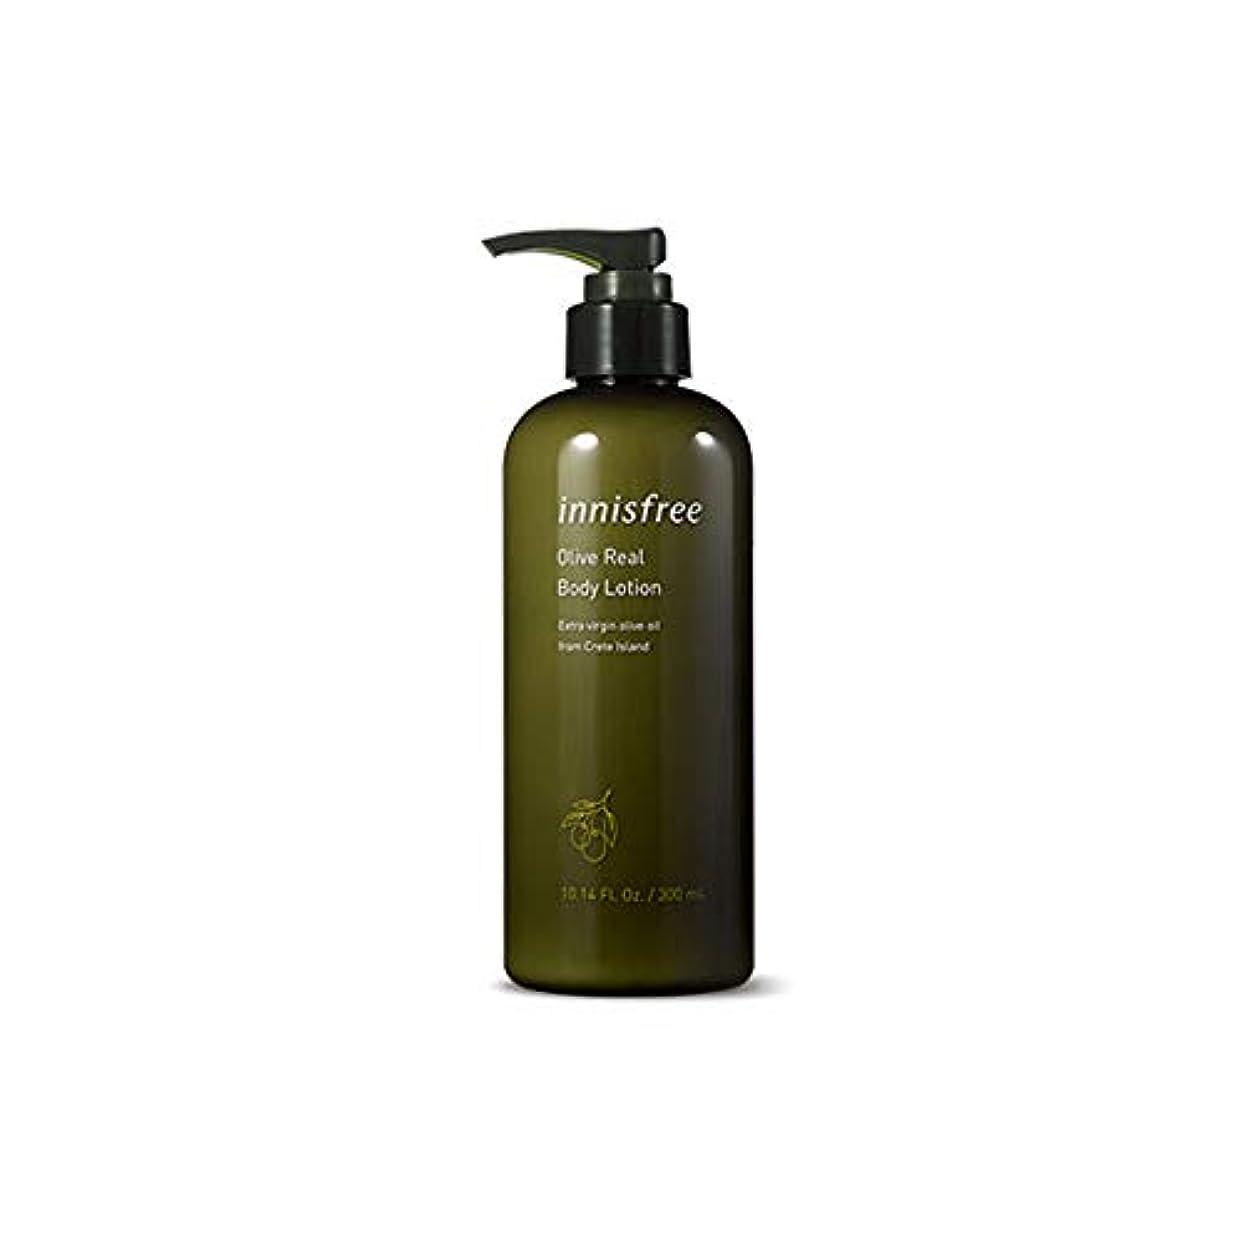 キルト検査官電話イニスフリー Innisfree オリーブリアル ボディーローション(300ml) Innisfree Olive Real Body Lotion(300ml) [海外直送品]